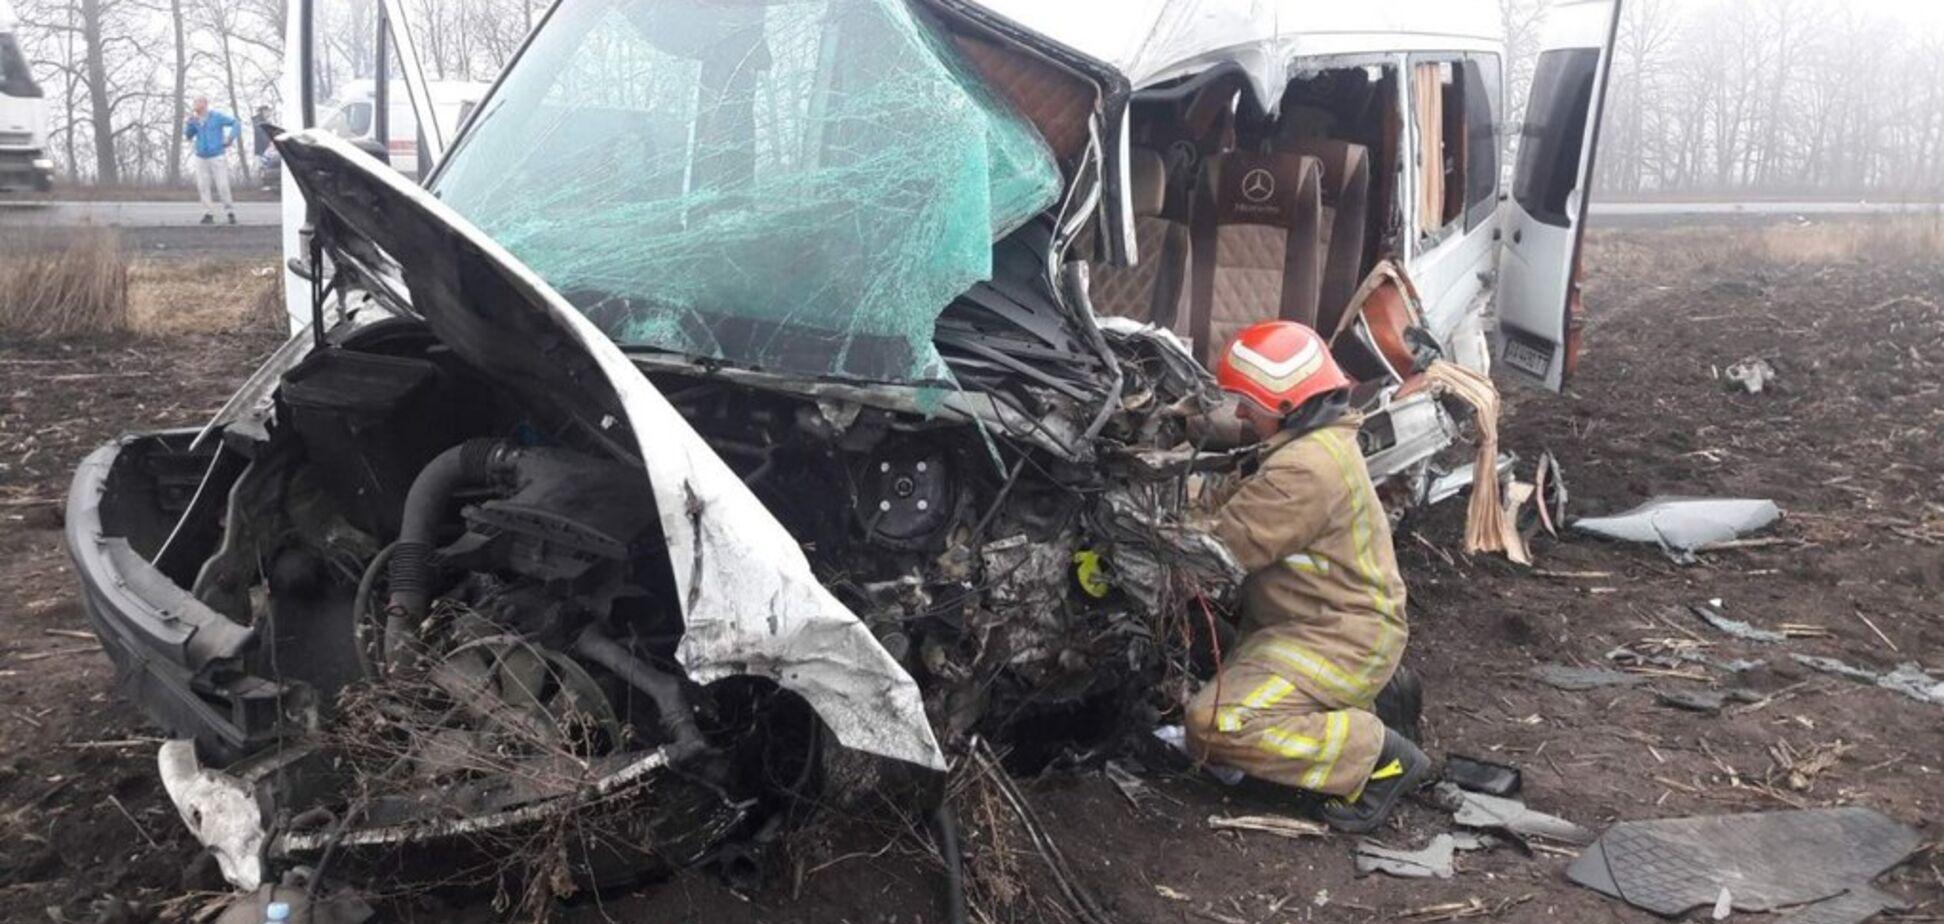 На Черкащині бус з людьми потрапив у важку ДТП з фурою: є постраждалі. Фото